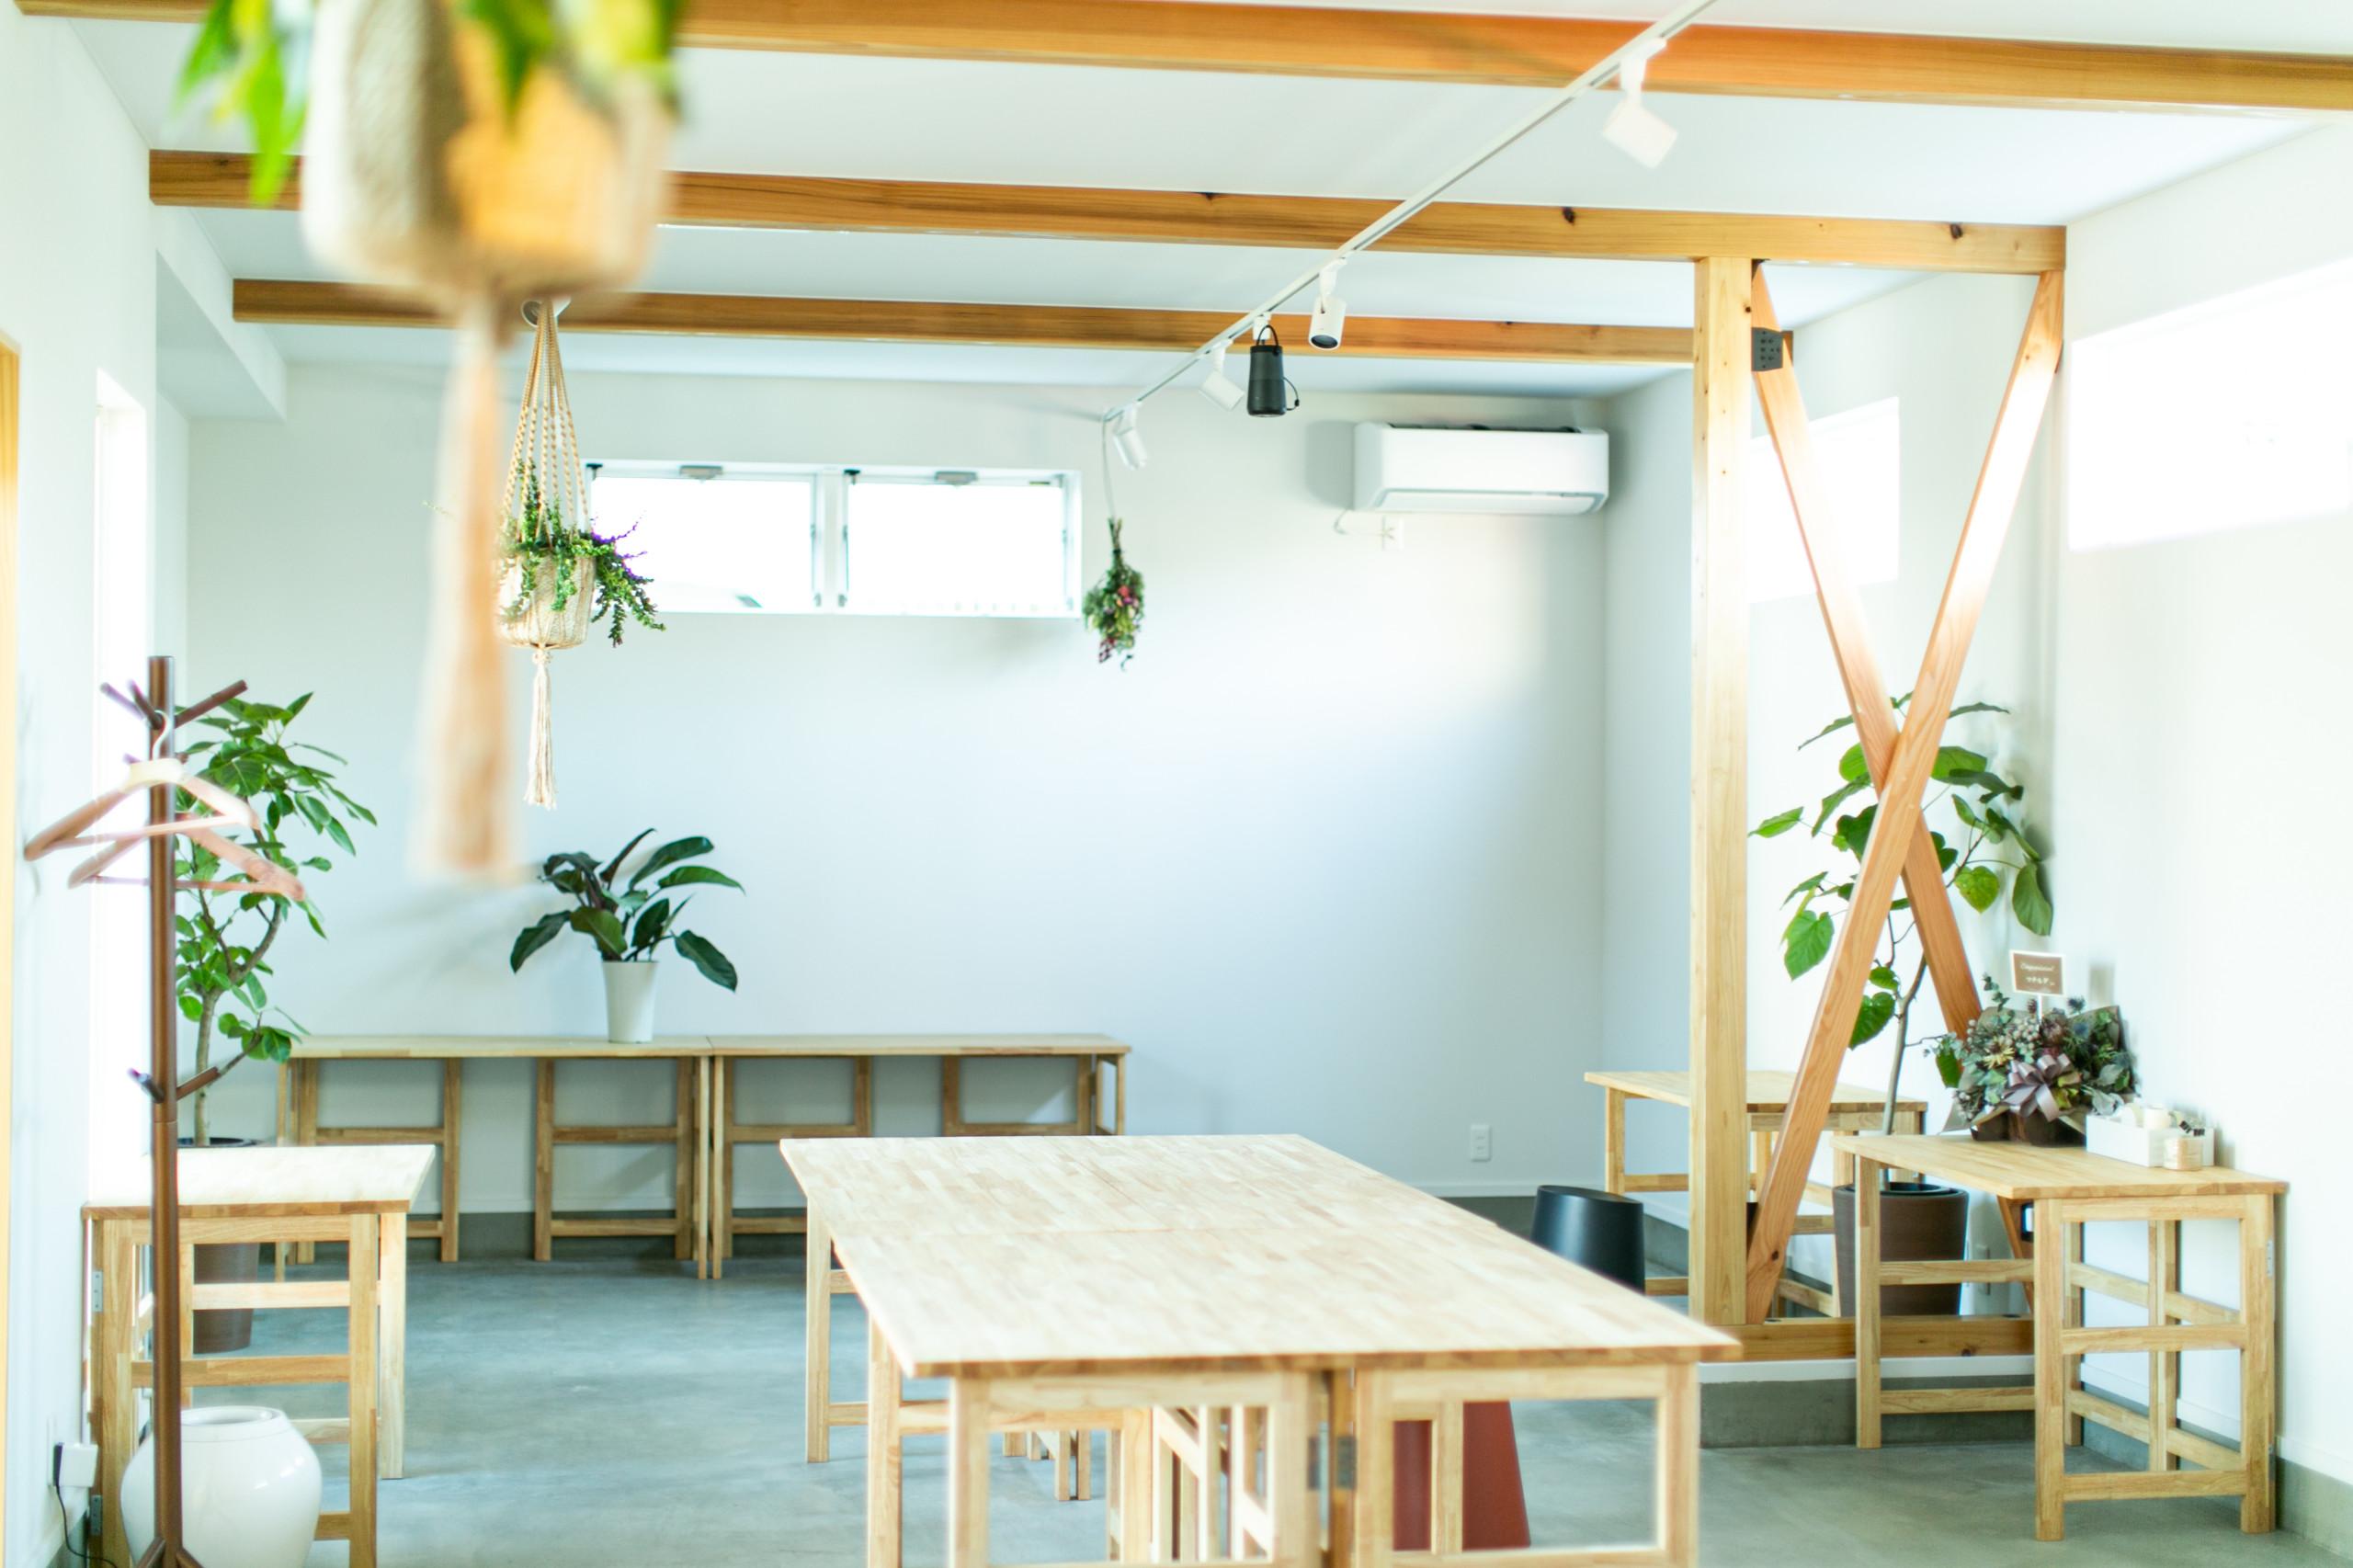 1Fホール・イベントスペース・コワーキングスペース